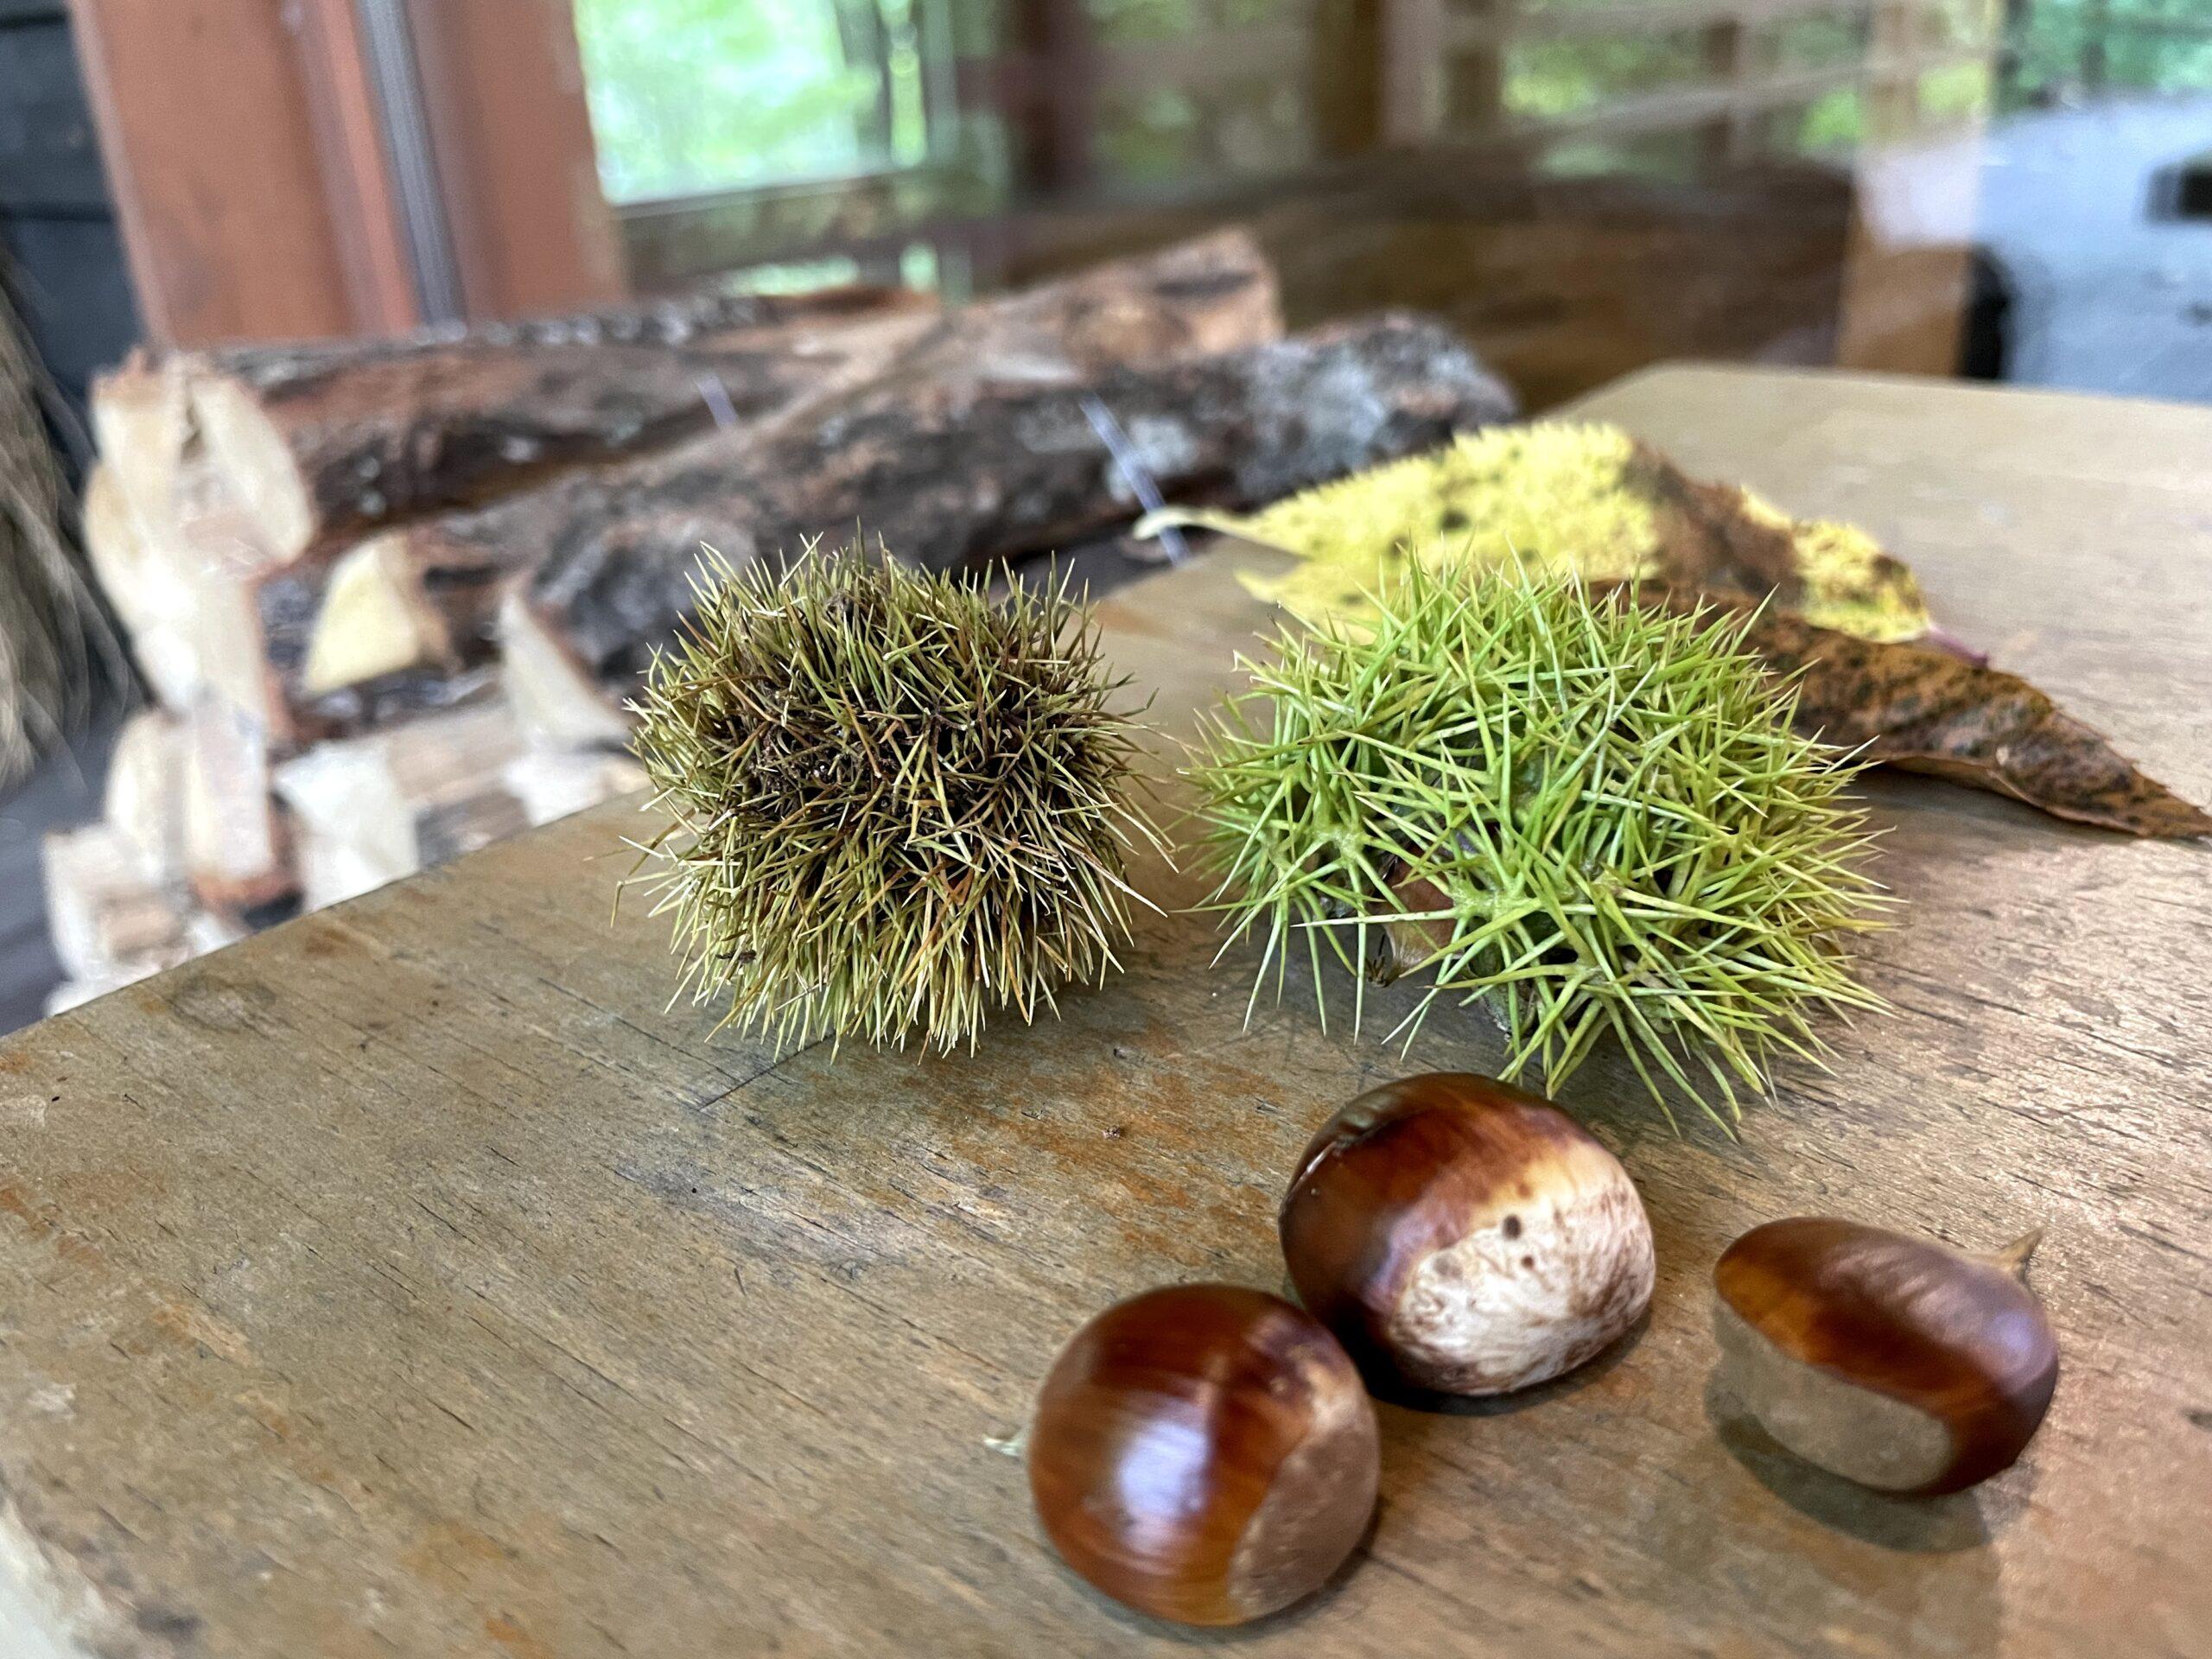 軽井沢は栗拾いが楽しめる季節になりました